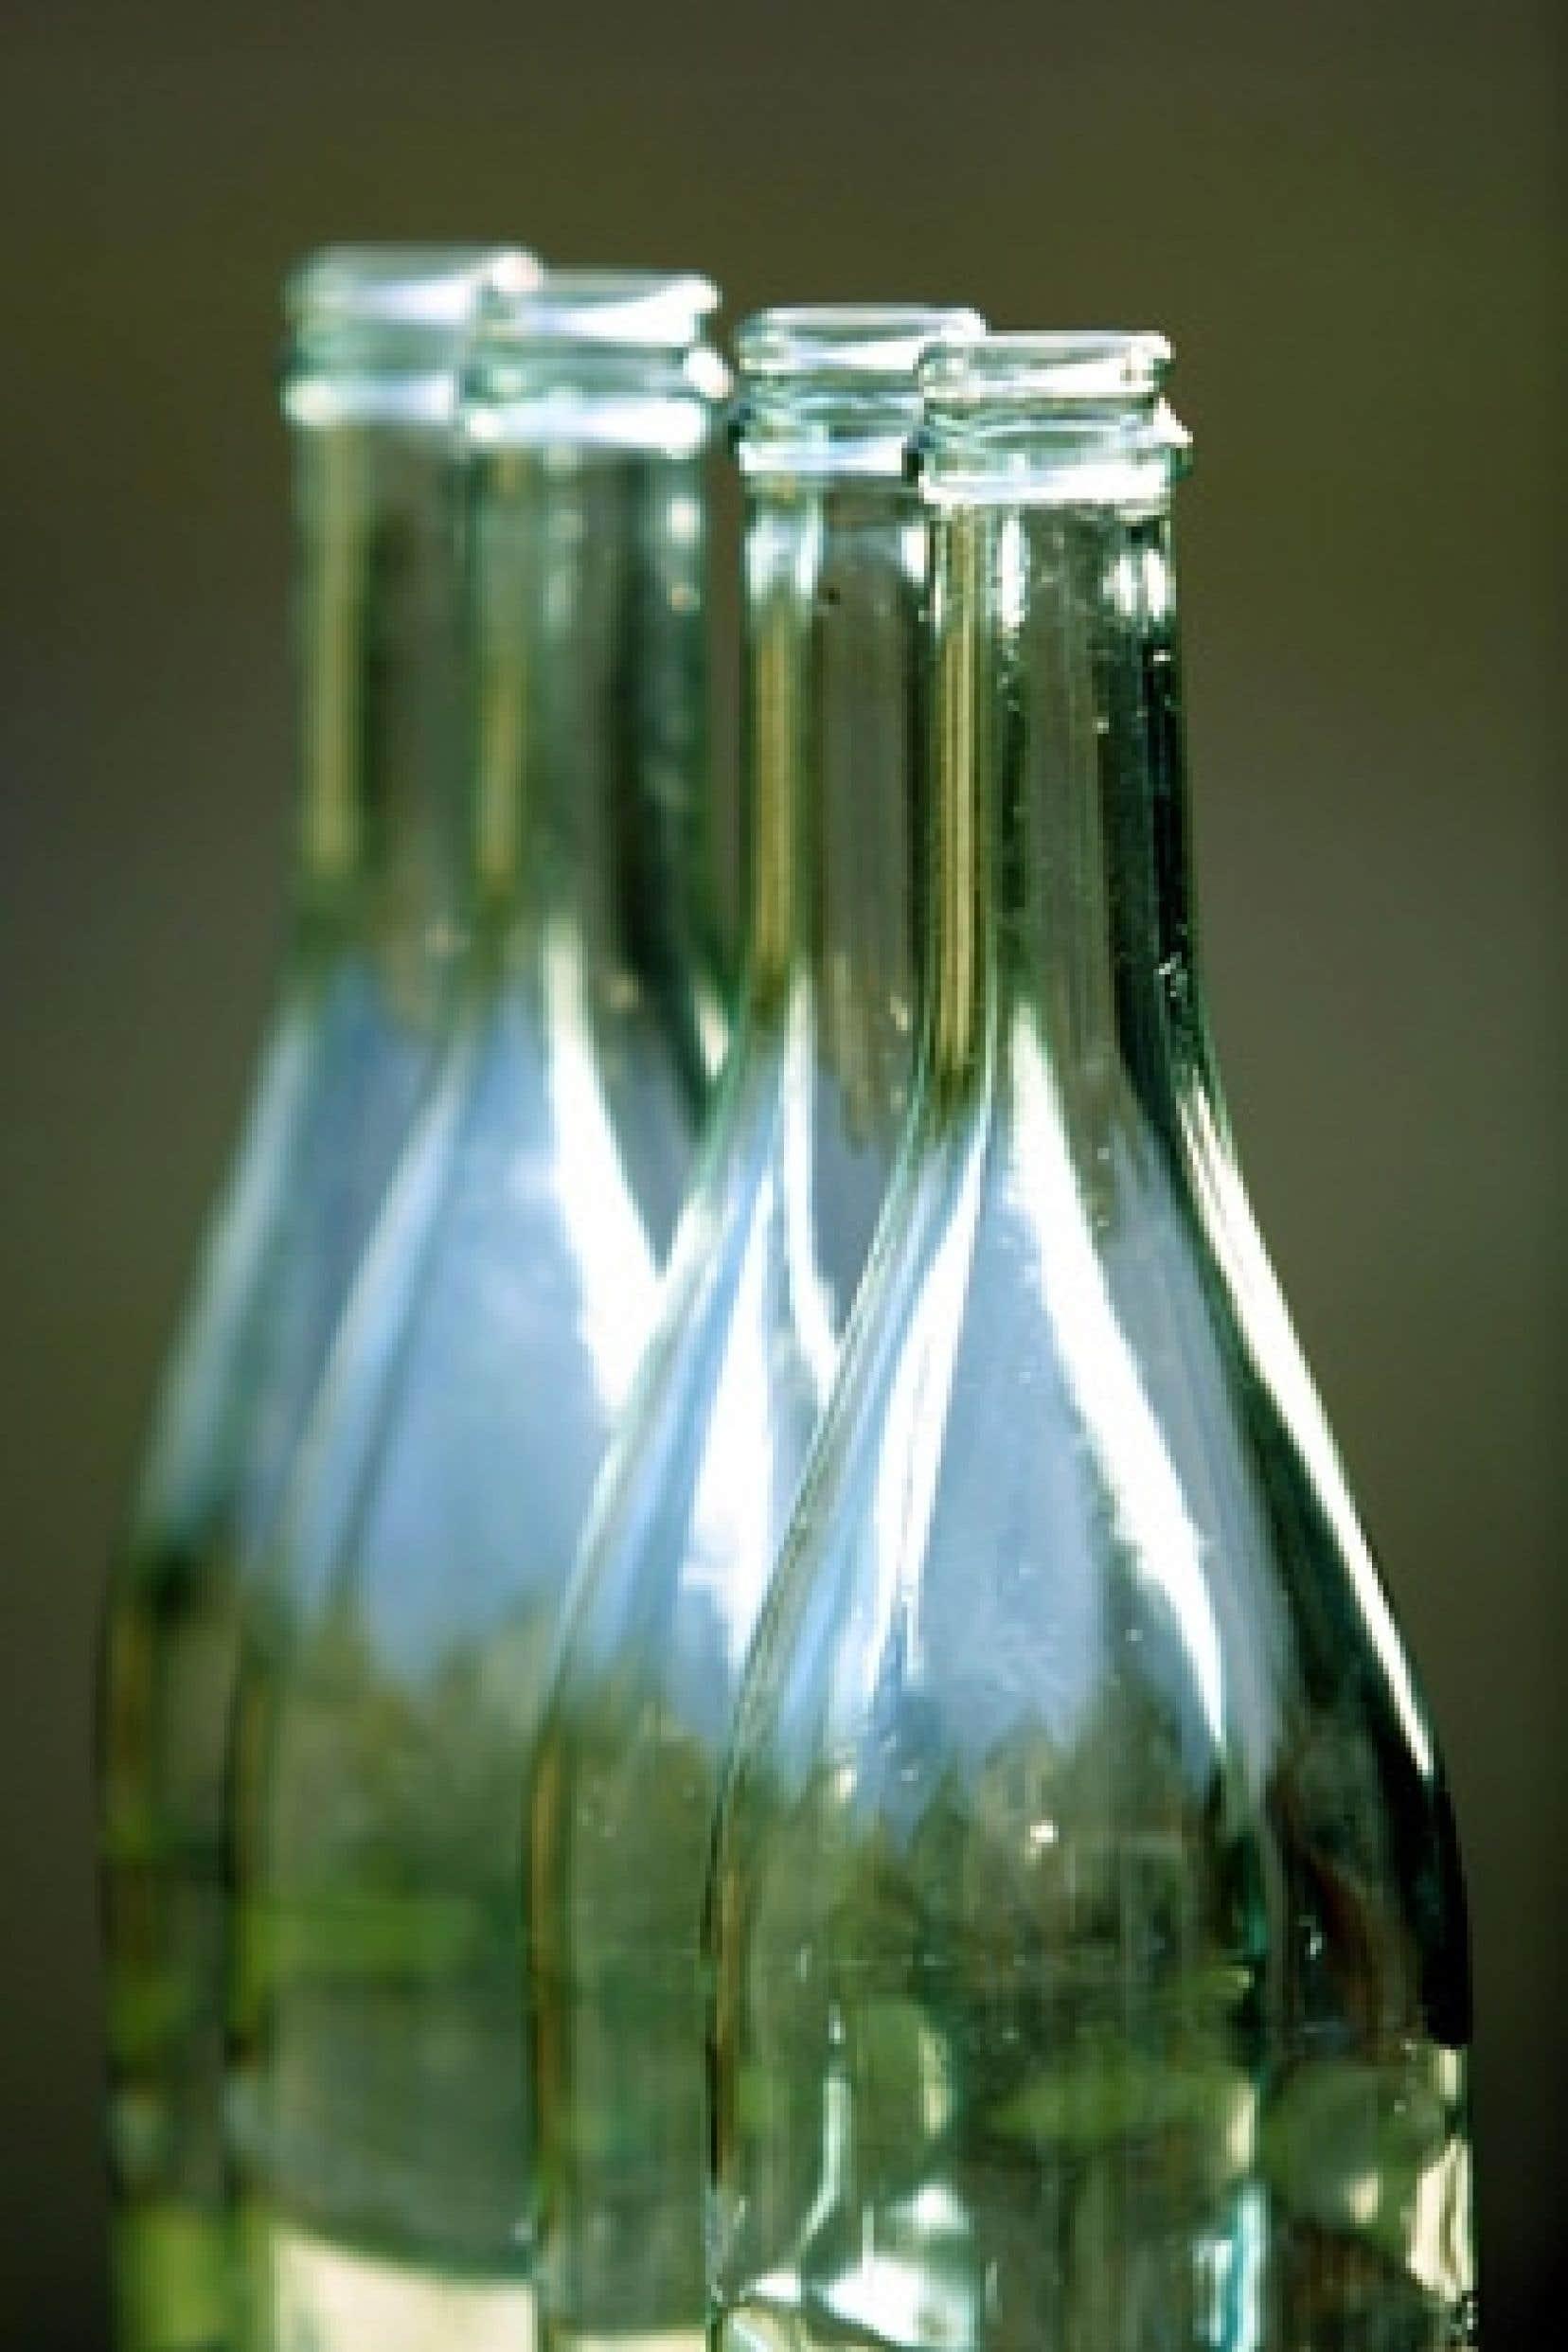 Les consommateurs déposent dans les bacs verts 74 % de leurs bouteilles brunes ou vertes. Les restaurants et autres intervenants commerciaux, qui accaparent 22 % du stock total, ne participent pas à la collecte sélective.